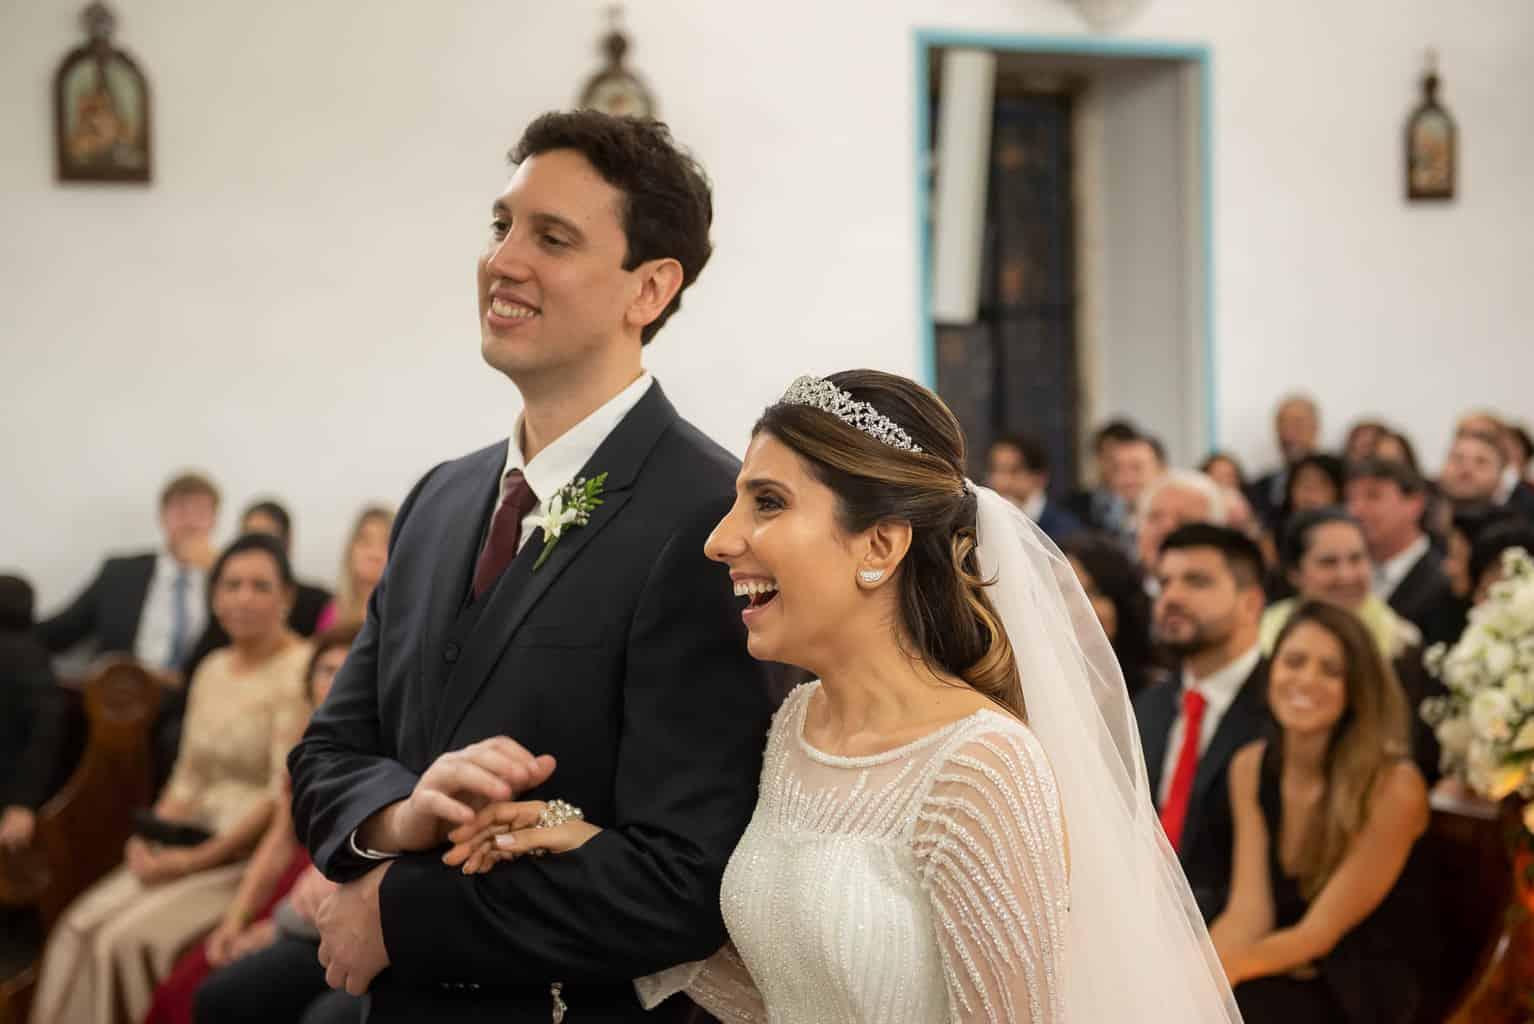 casamento-luiza-e-gustavo-cerimonia-na-igreja-cerimonial-casamento-de-ideias-fotografia-lenine-serejo-Igreja-Nossa-Senhora-da-Conceicao18